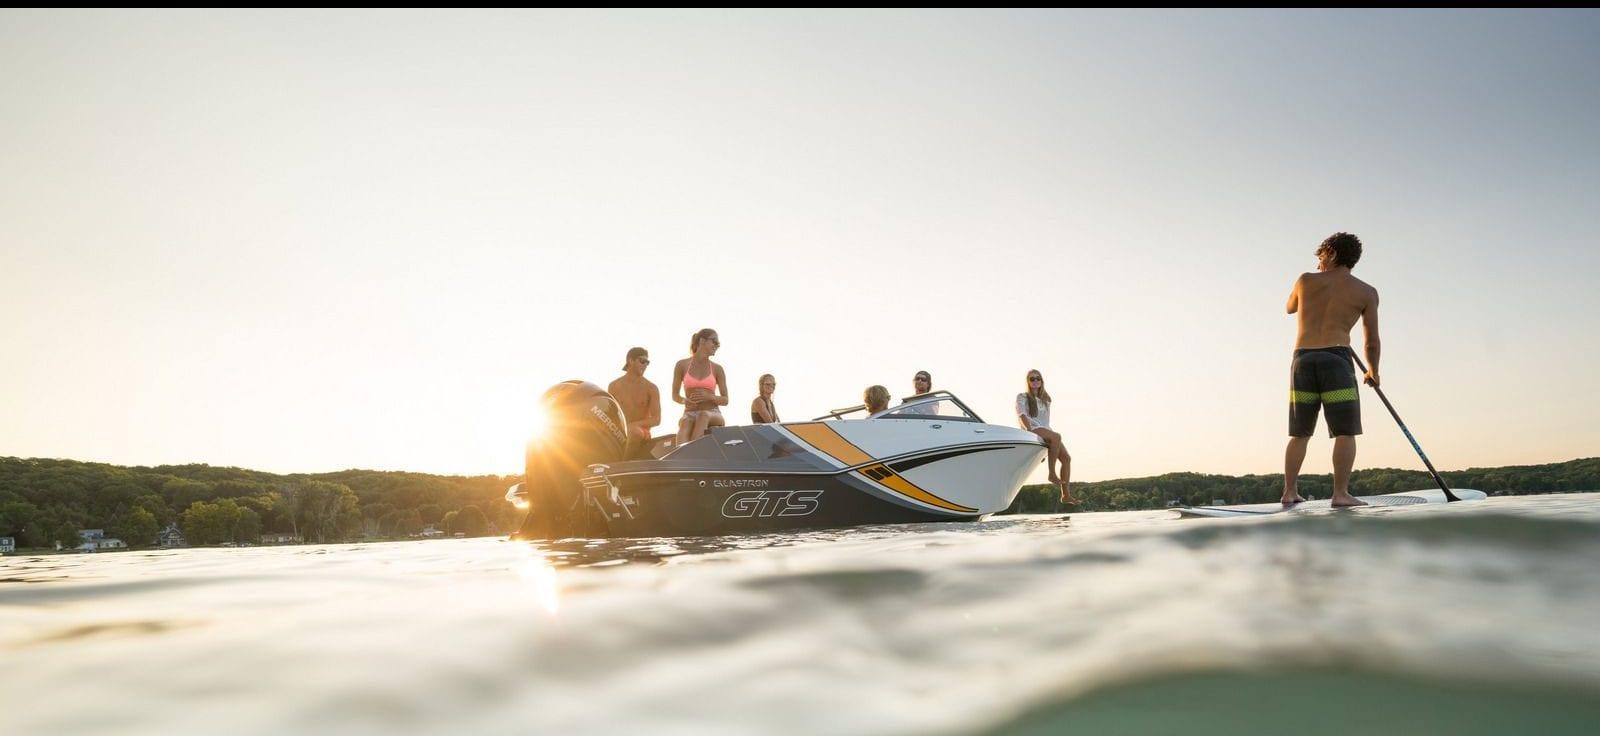 סירות סקי מקצועיות לגלישת סקי מים, וויקסרף או וויקבורד - סטרים יאכטות